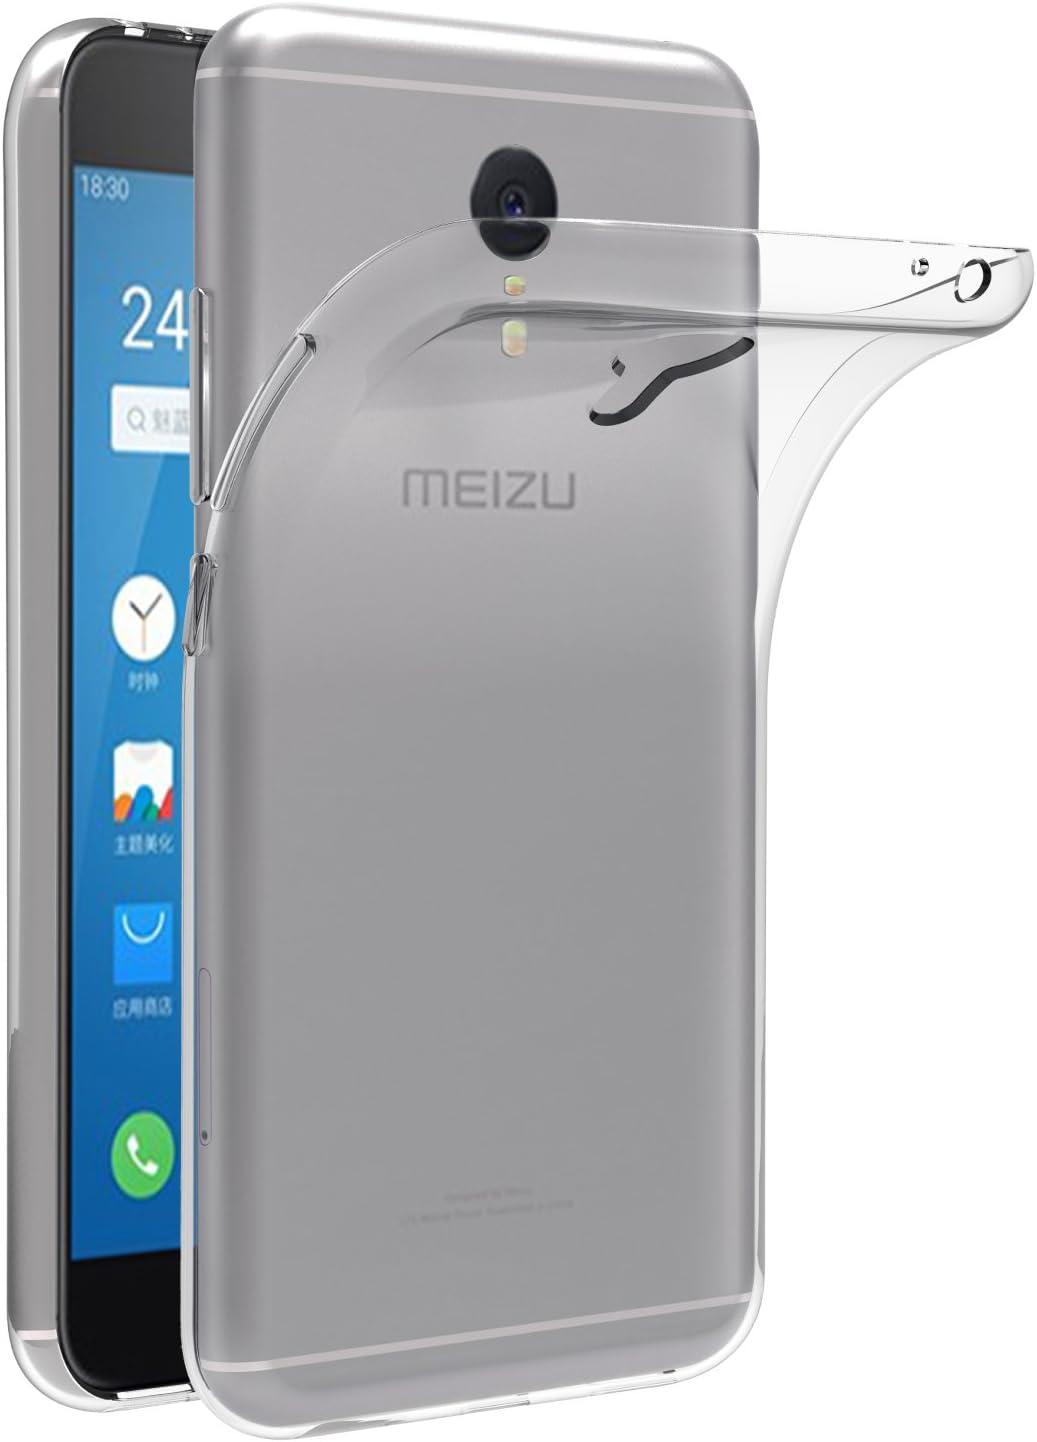 ivoler Funda Carcasa Gel Transparente para Meizu M3 Note, Ultra Fina 0,33mm, Silicona TPU de Alta Resistencia y Flexibilidad: Amazon.es: Electrónica